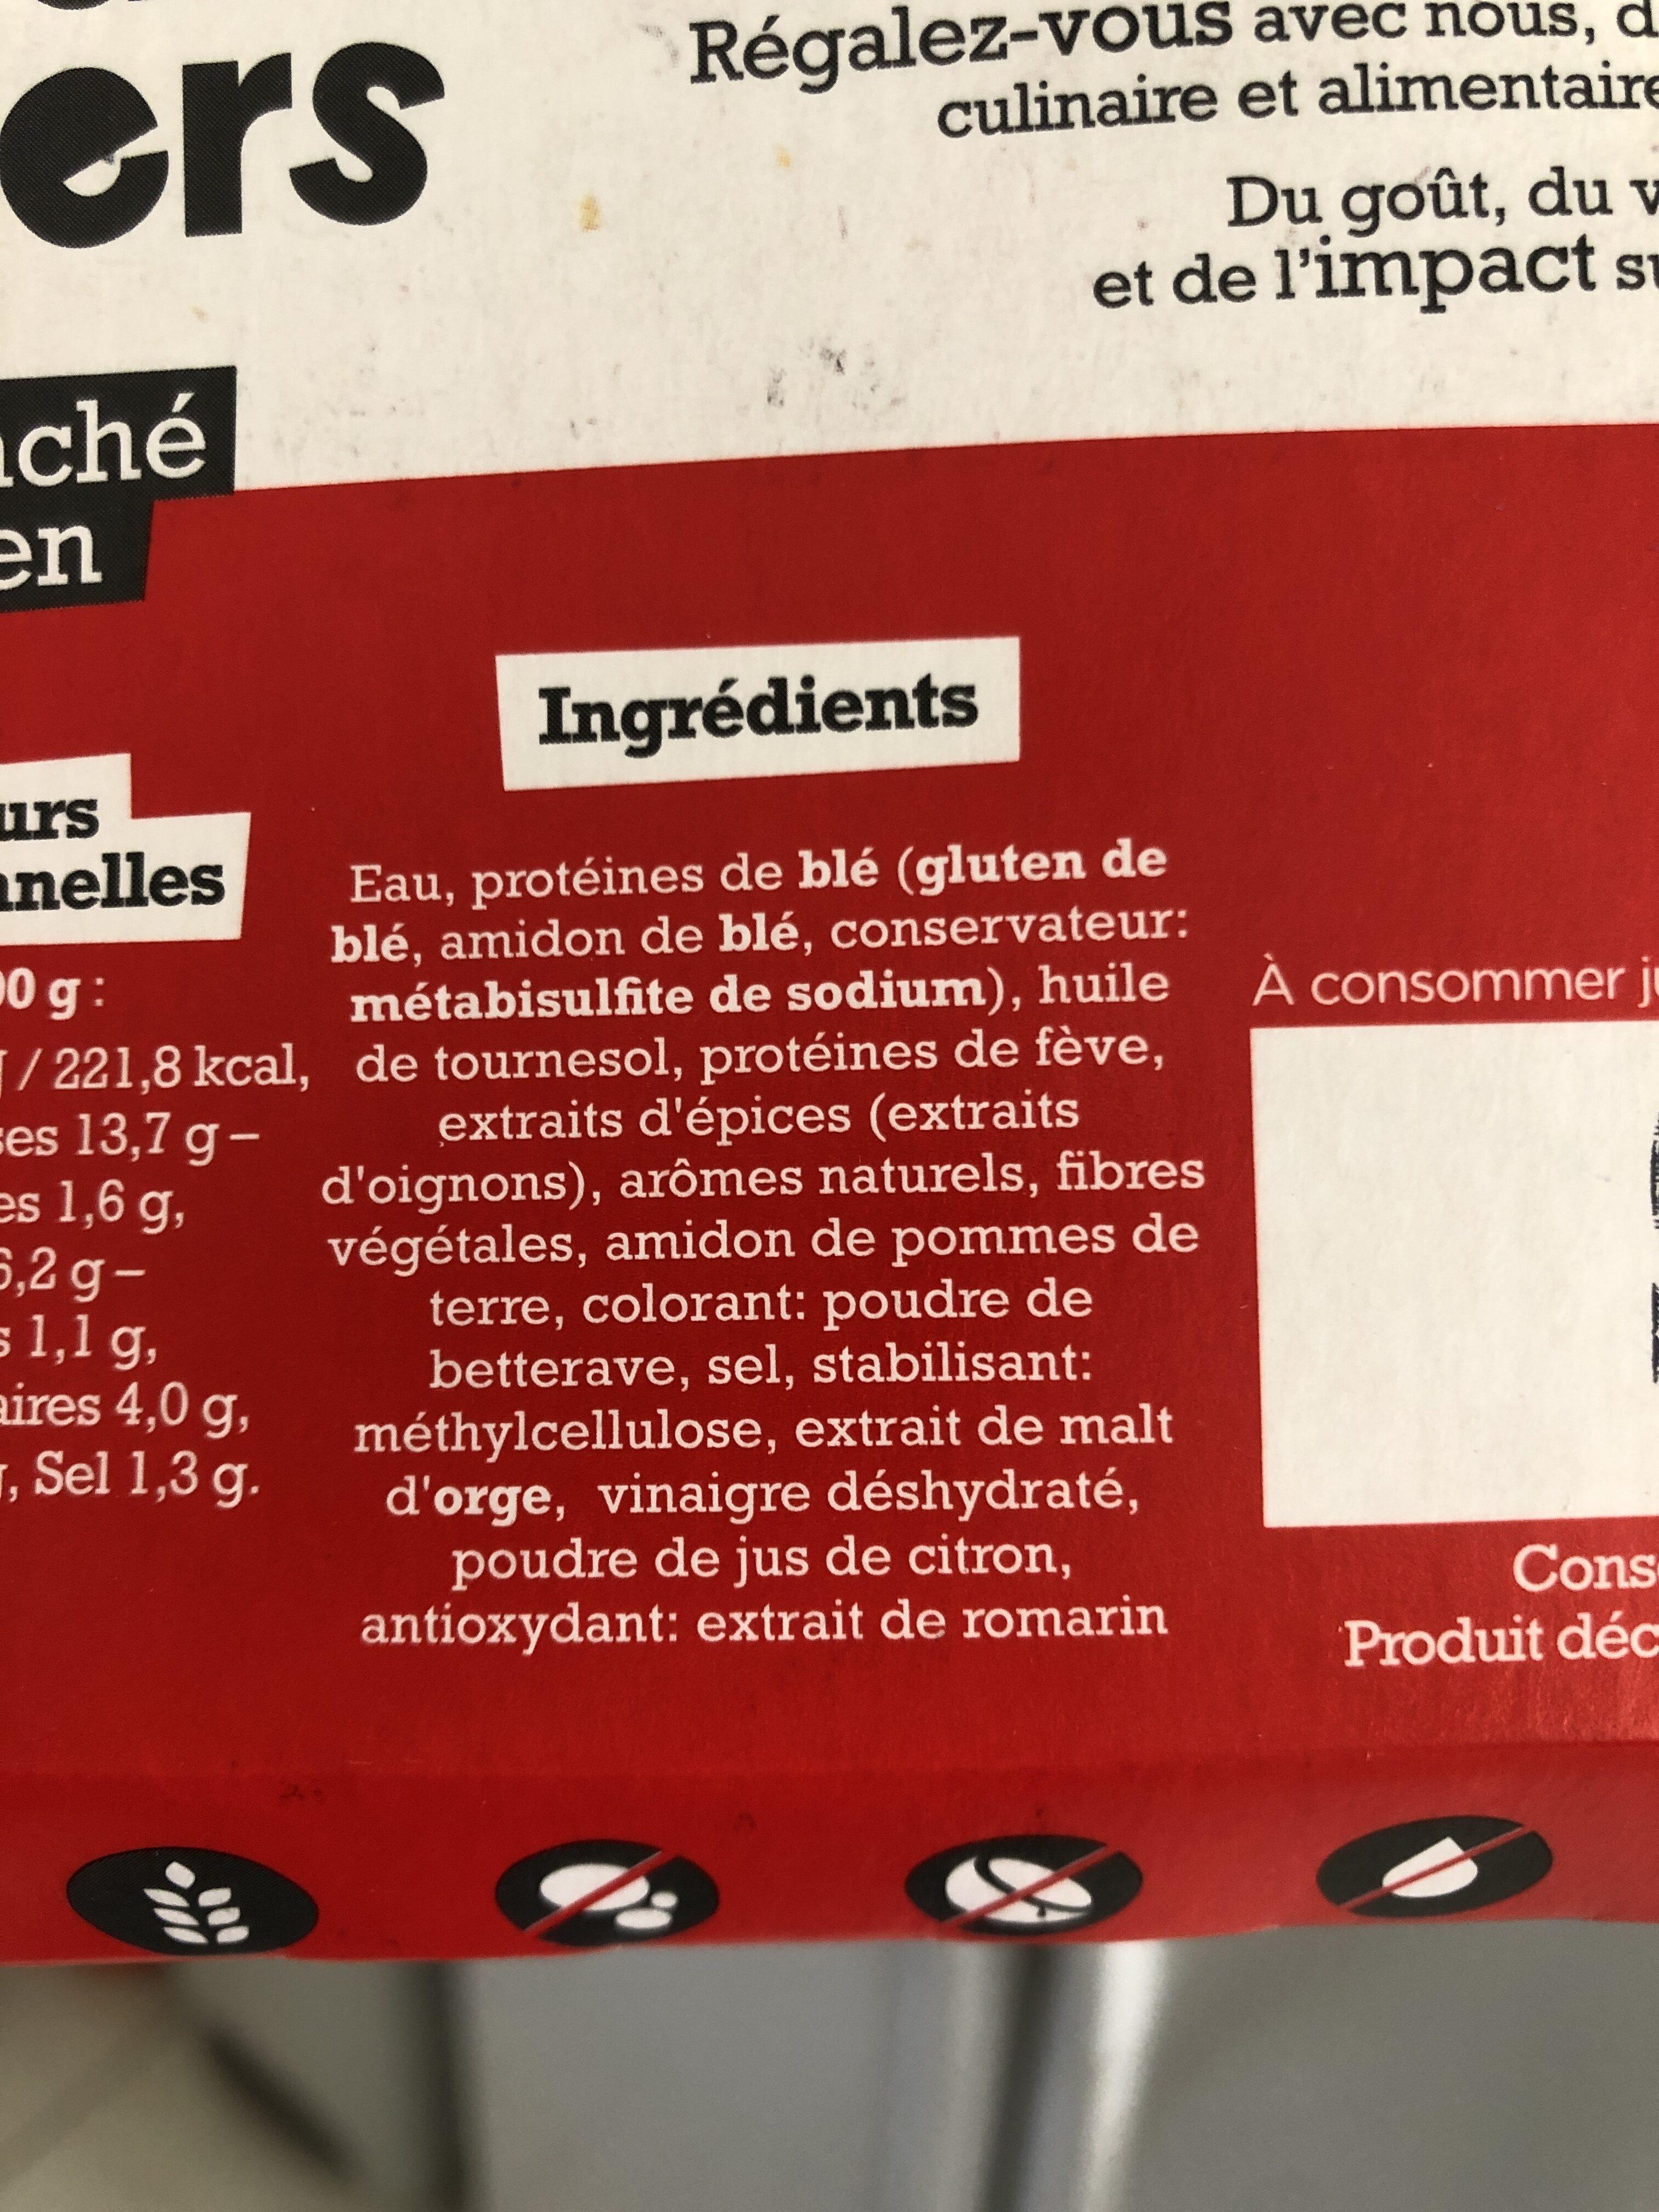 Haché végétal et gourmand - Ingrédients - fr